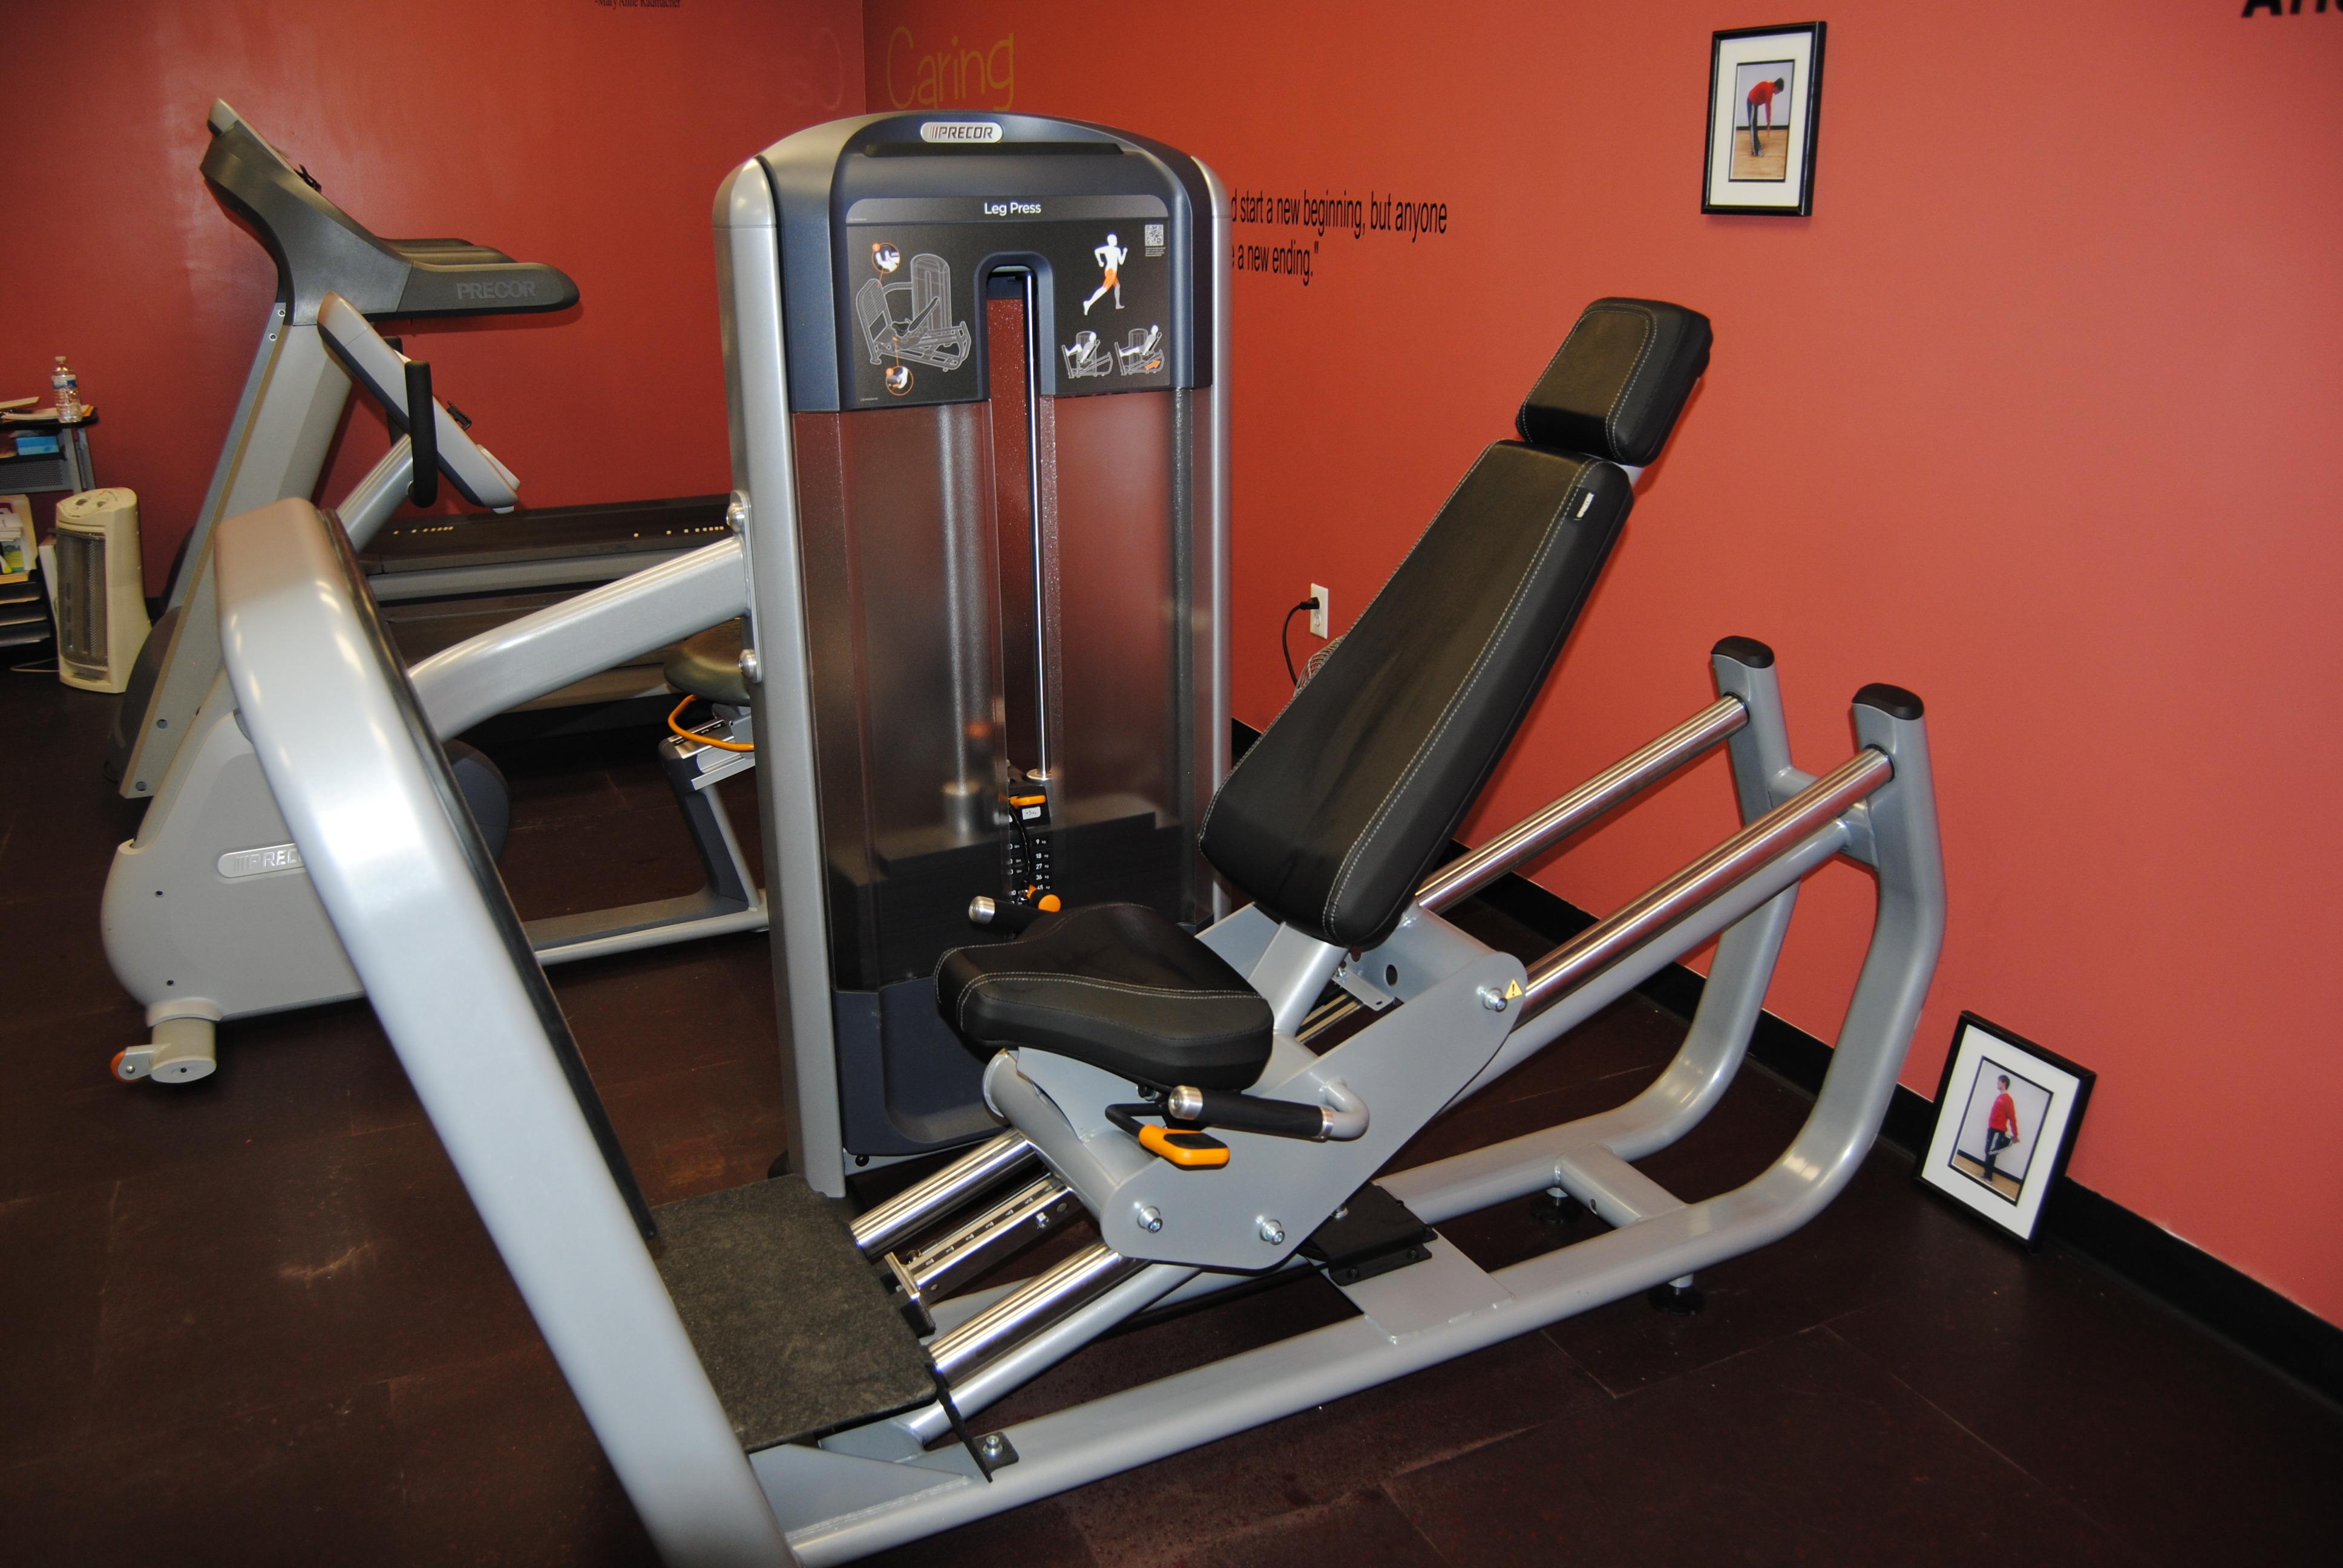 90b2d125e16f63fd2478_Wellness_Coaching_Equipment_2014_006.jpg